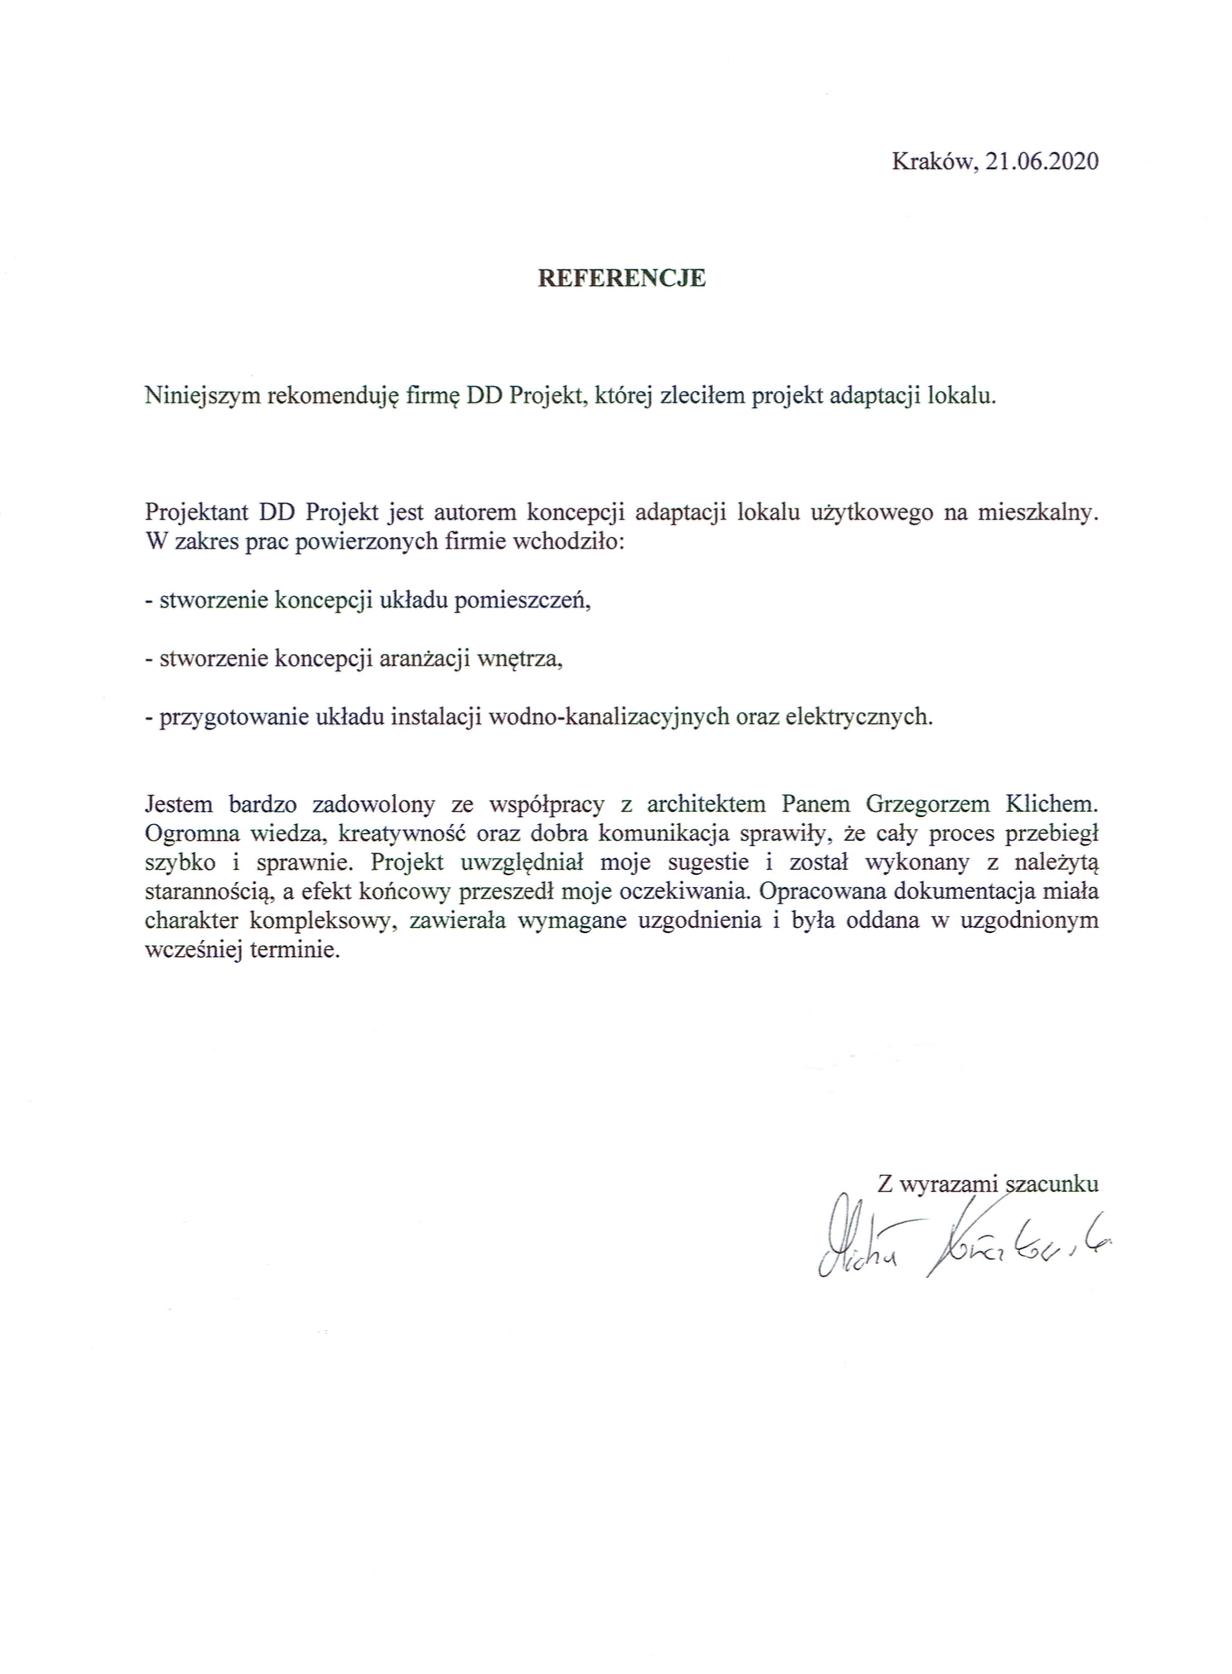 https://ddprojekt.pl/wp-content/uploads/2020/06/referencje-P.Kończakowski-10.53.20.png